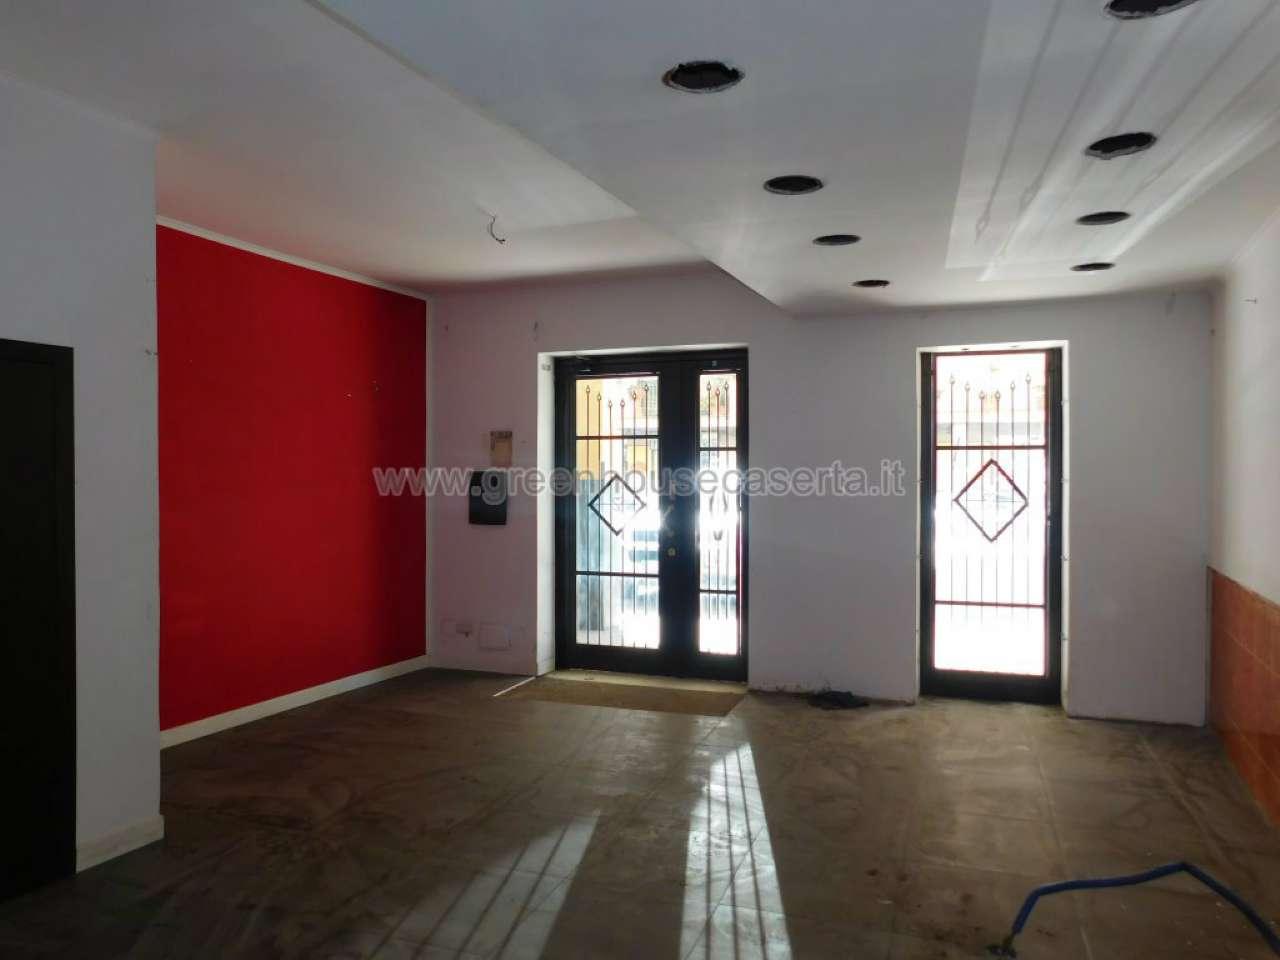 locale commerciale di recente costruzione Rif. 8494923